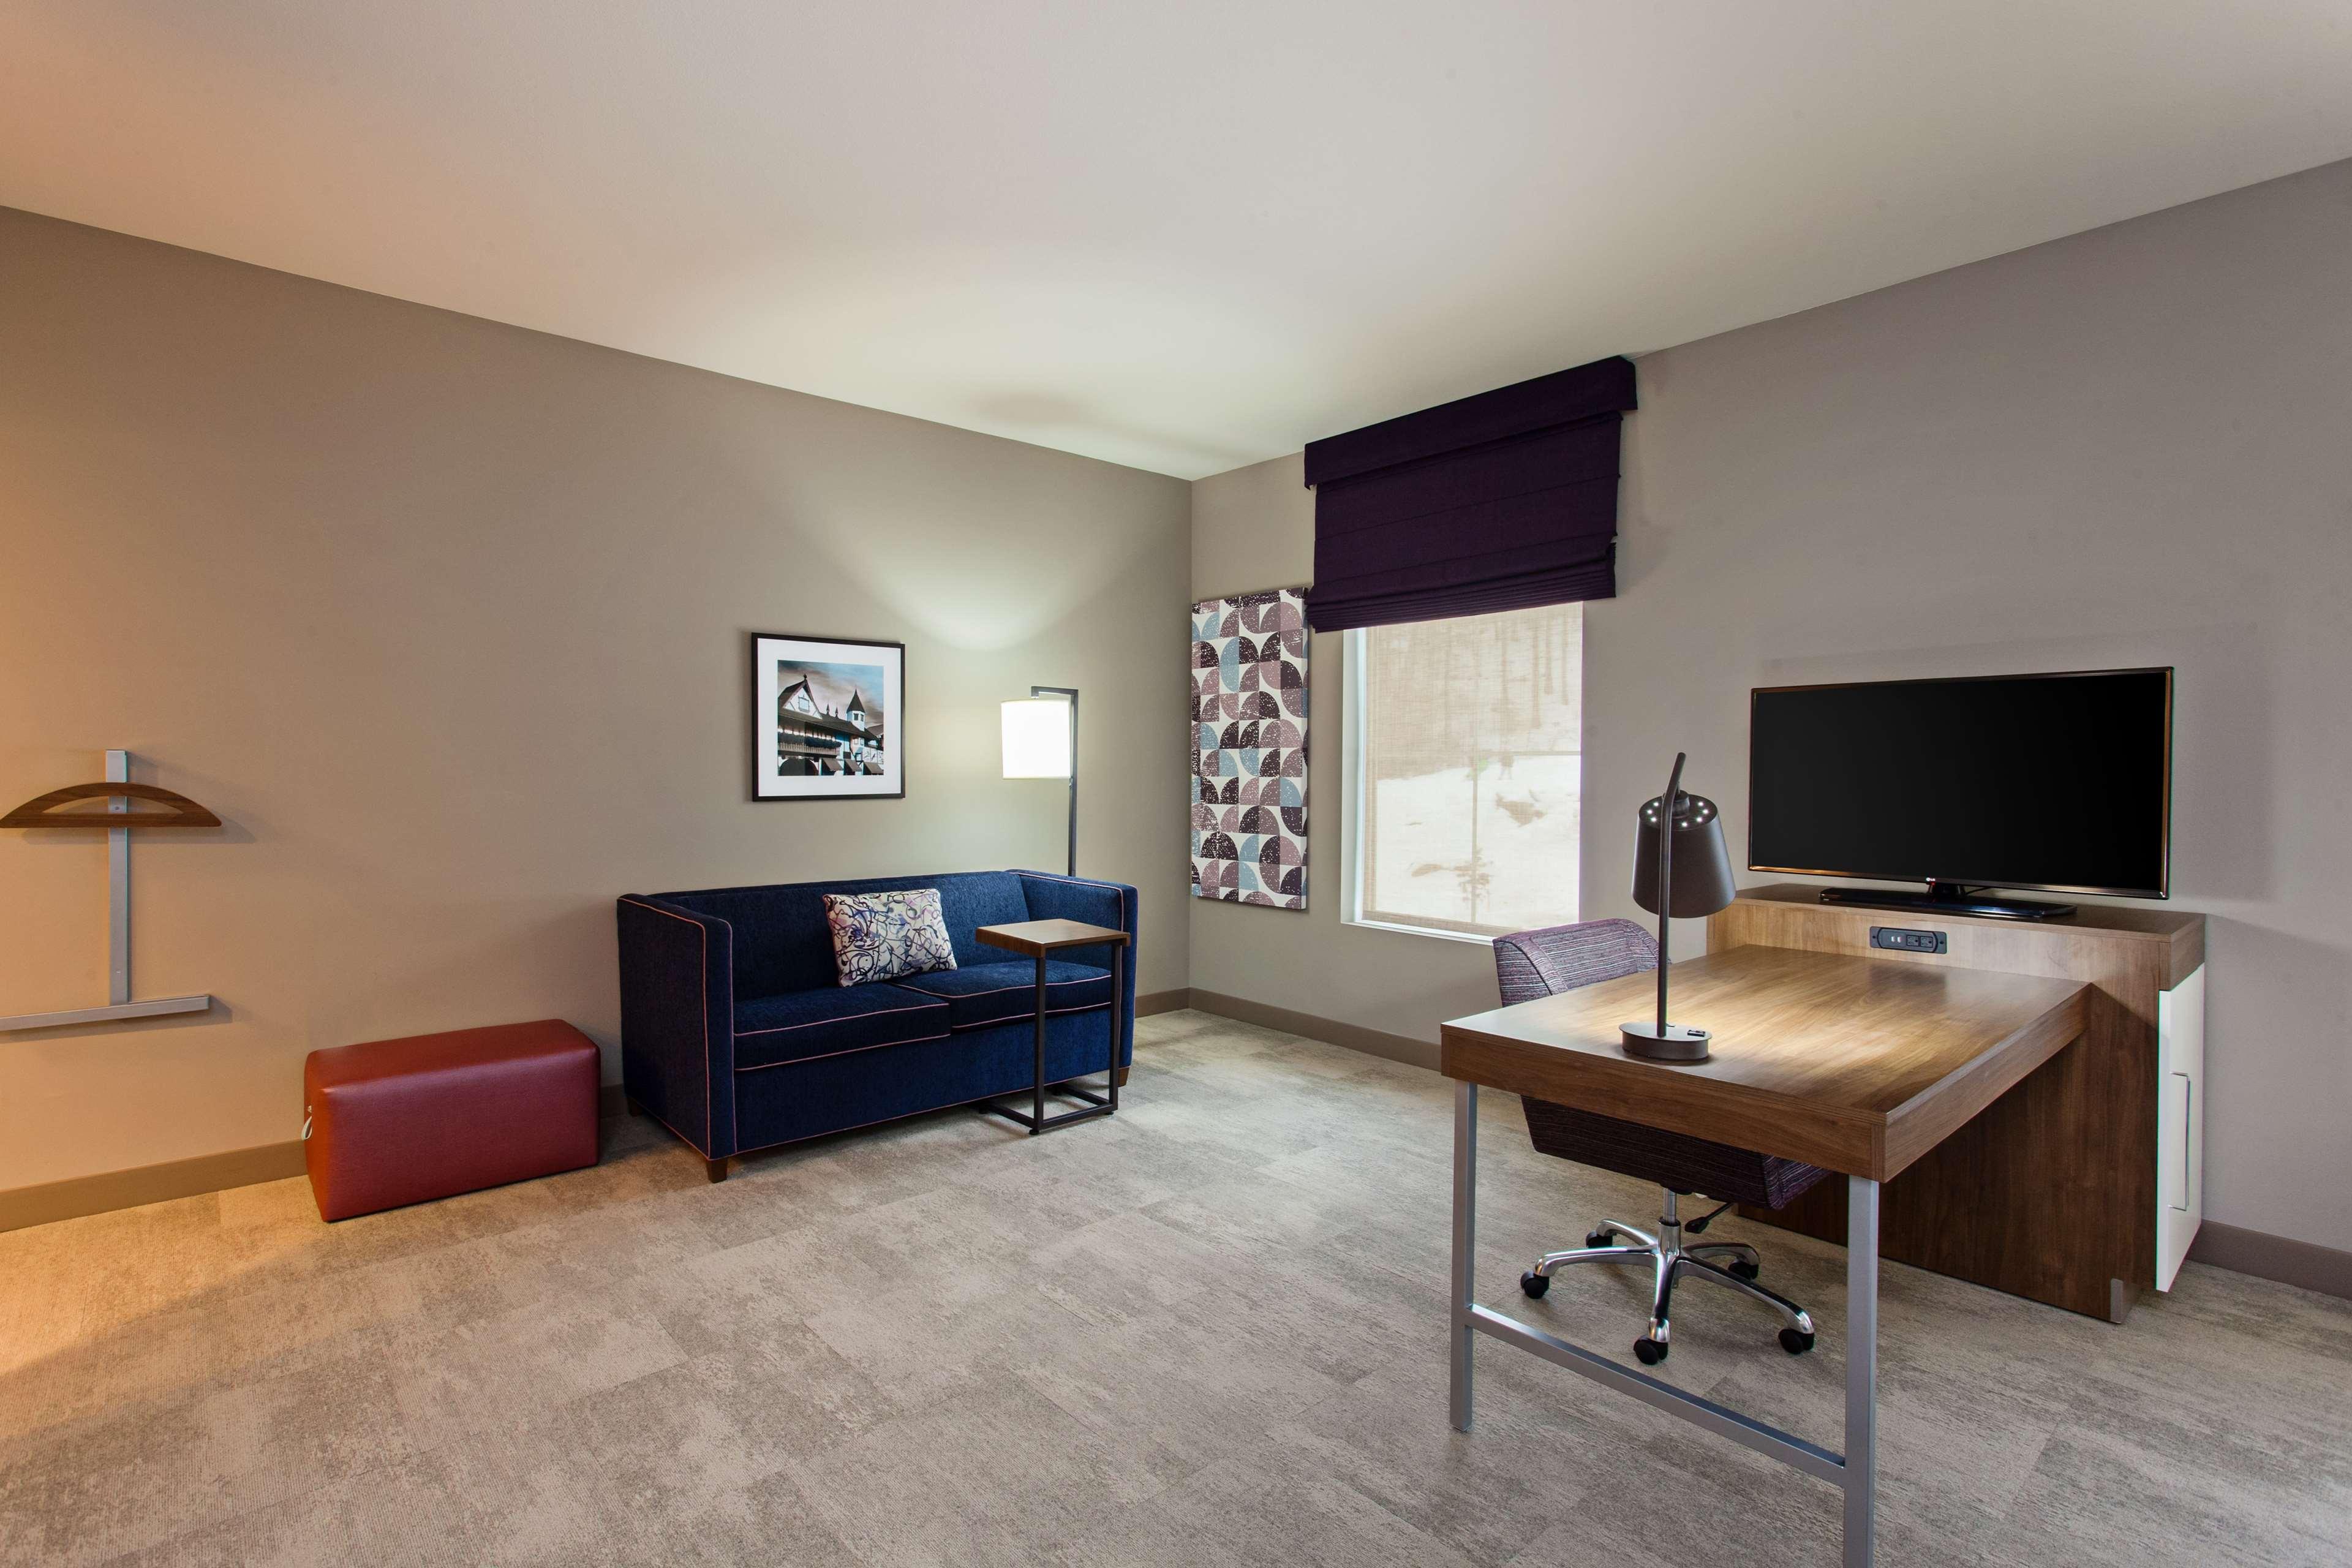 Hampton Inn & Suites Leavenworth image 28